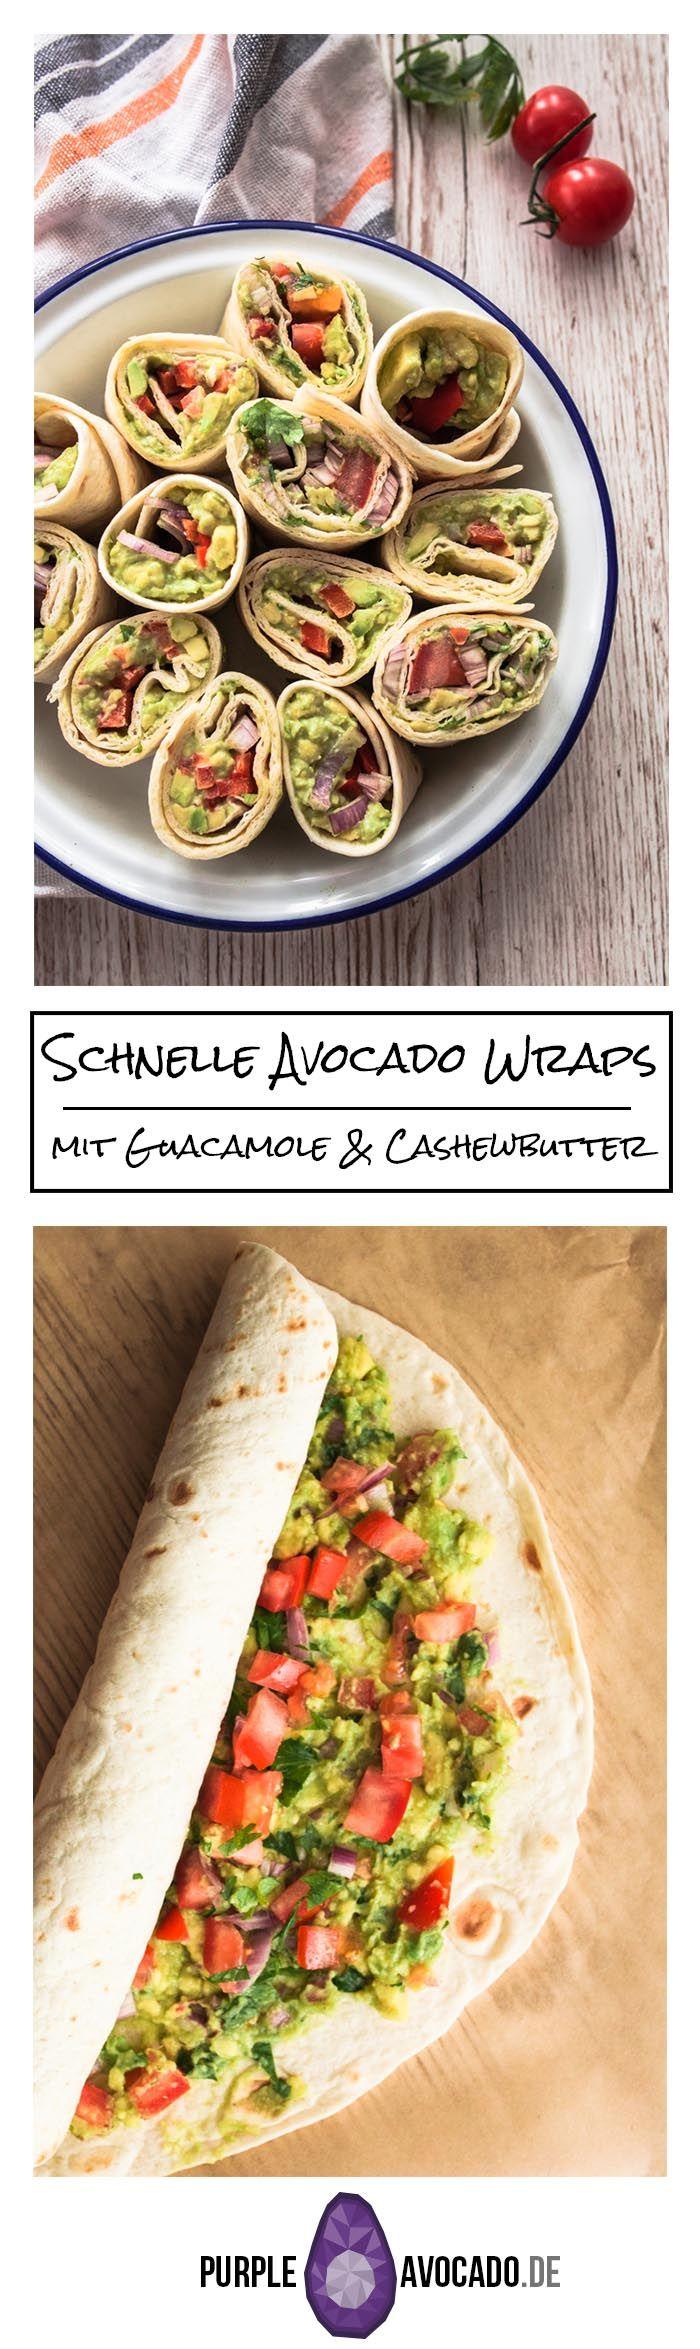 Wenn's mal schnell gehen muss, für Picknicks, unterwegs oder als Fingerfood für den nächsten Serien-Abend: Schnelle Avocado Wraps in zwei Variationen - mit Guacamole und Cashewbutter. Ganz unkompliziert und köstlich. Rezept und Foodfotografie von Purple Avocado / Sabrina Dietz #wraps #sommer #frühling #schnell #faule #foodstyling #foodphotography #rezept #rezepte